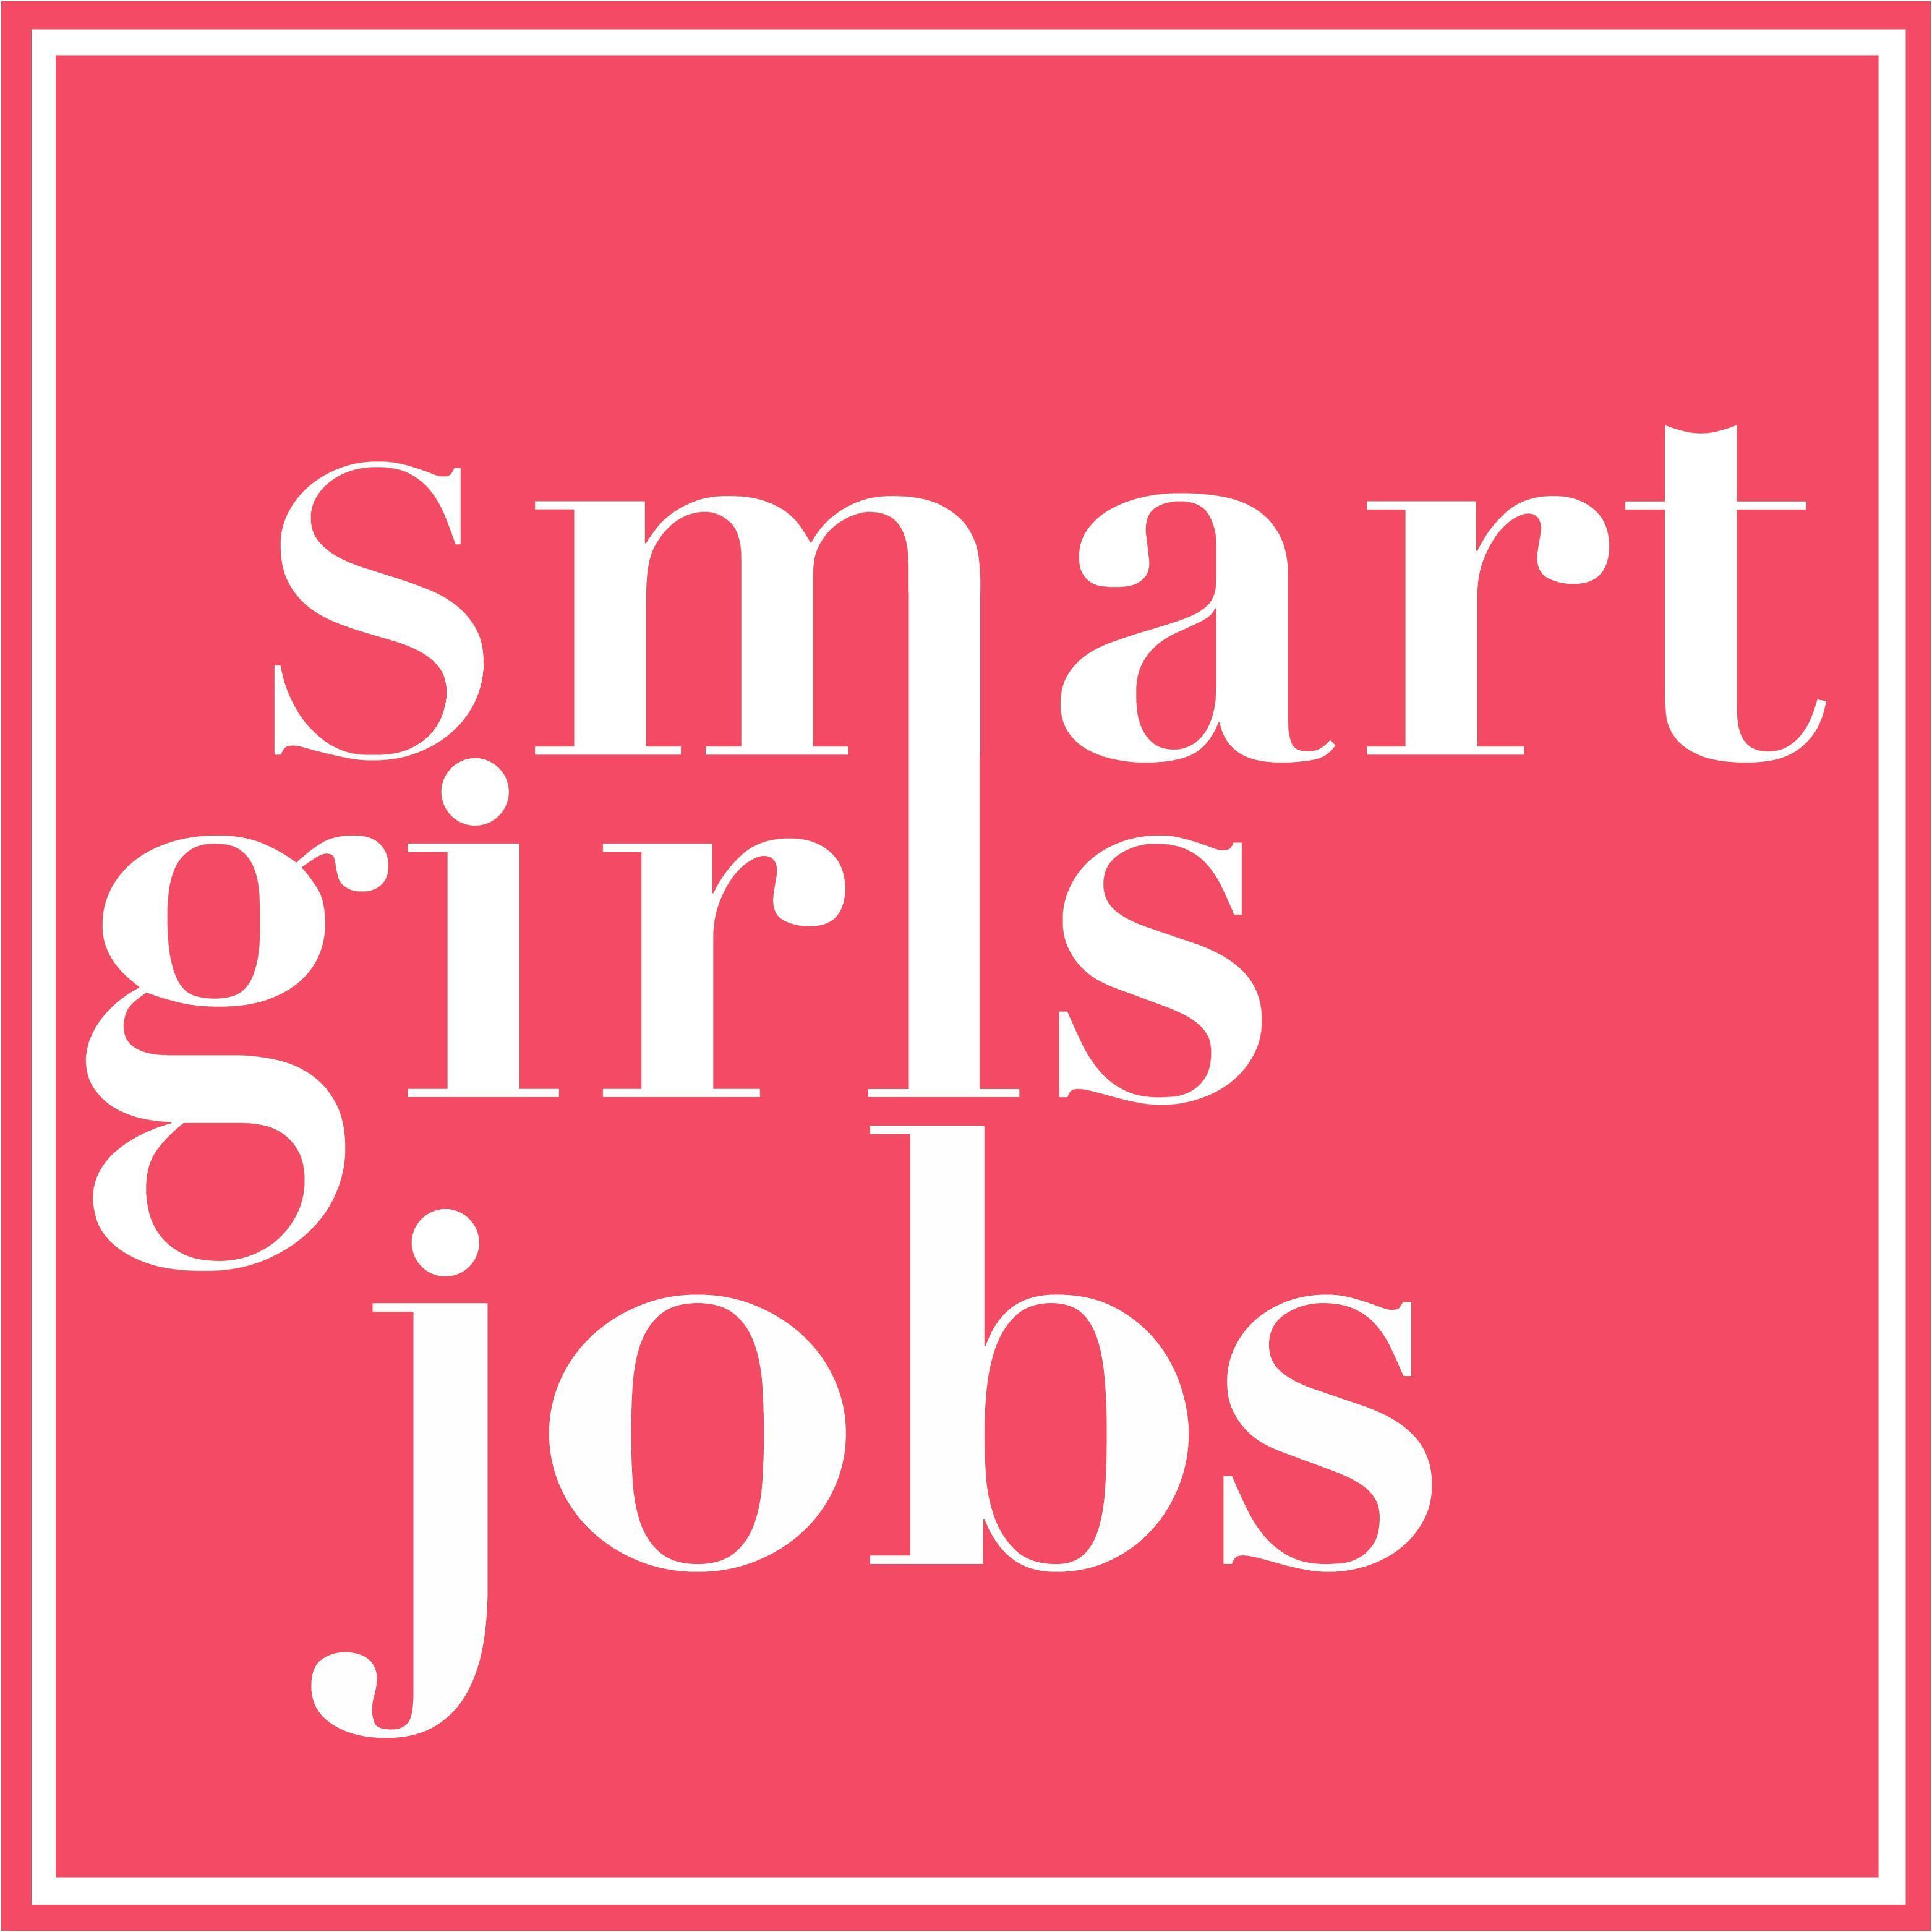 Smart Girls Jobs (@SmartGirlsJobs) | Twitter